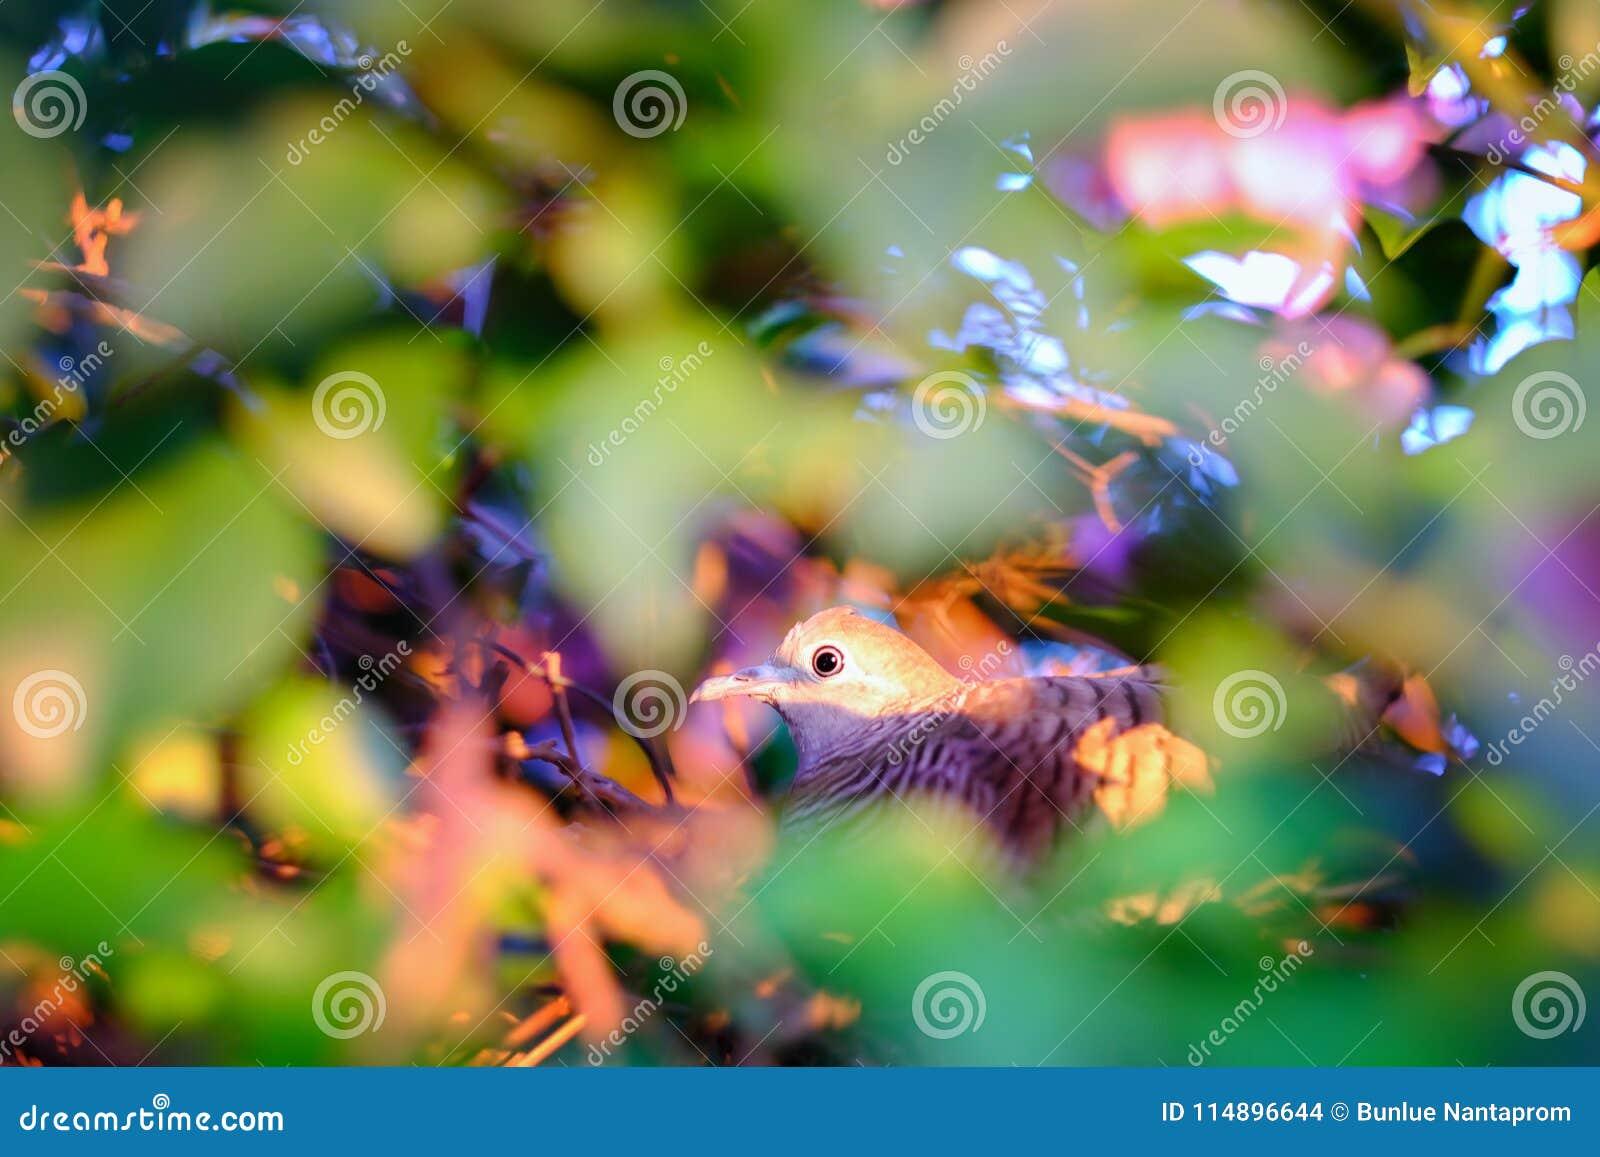 Härlig ögonfågel för närbild med blommor, djurt fotografi av a